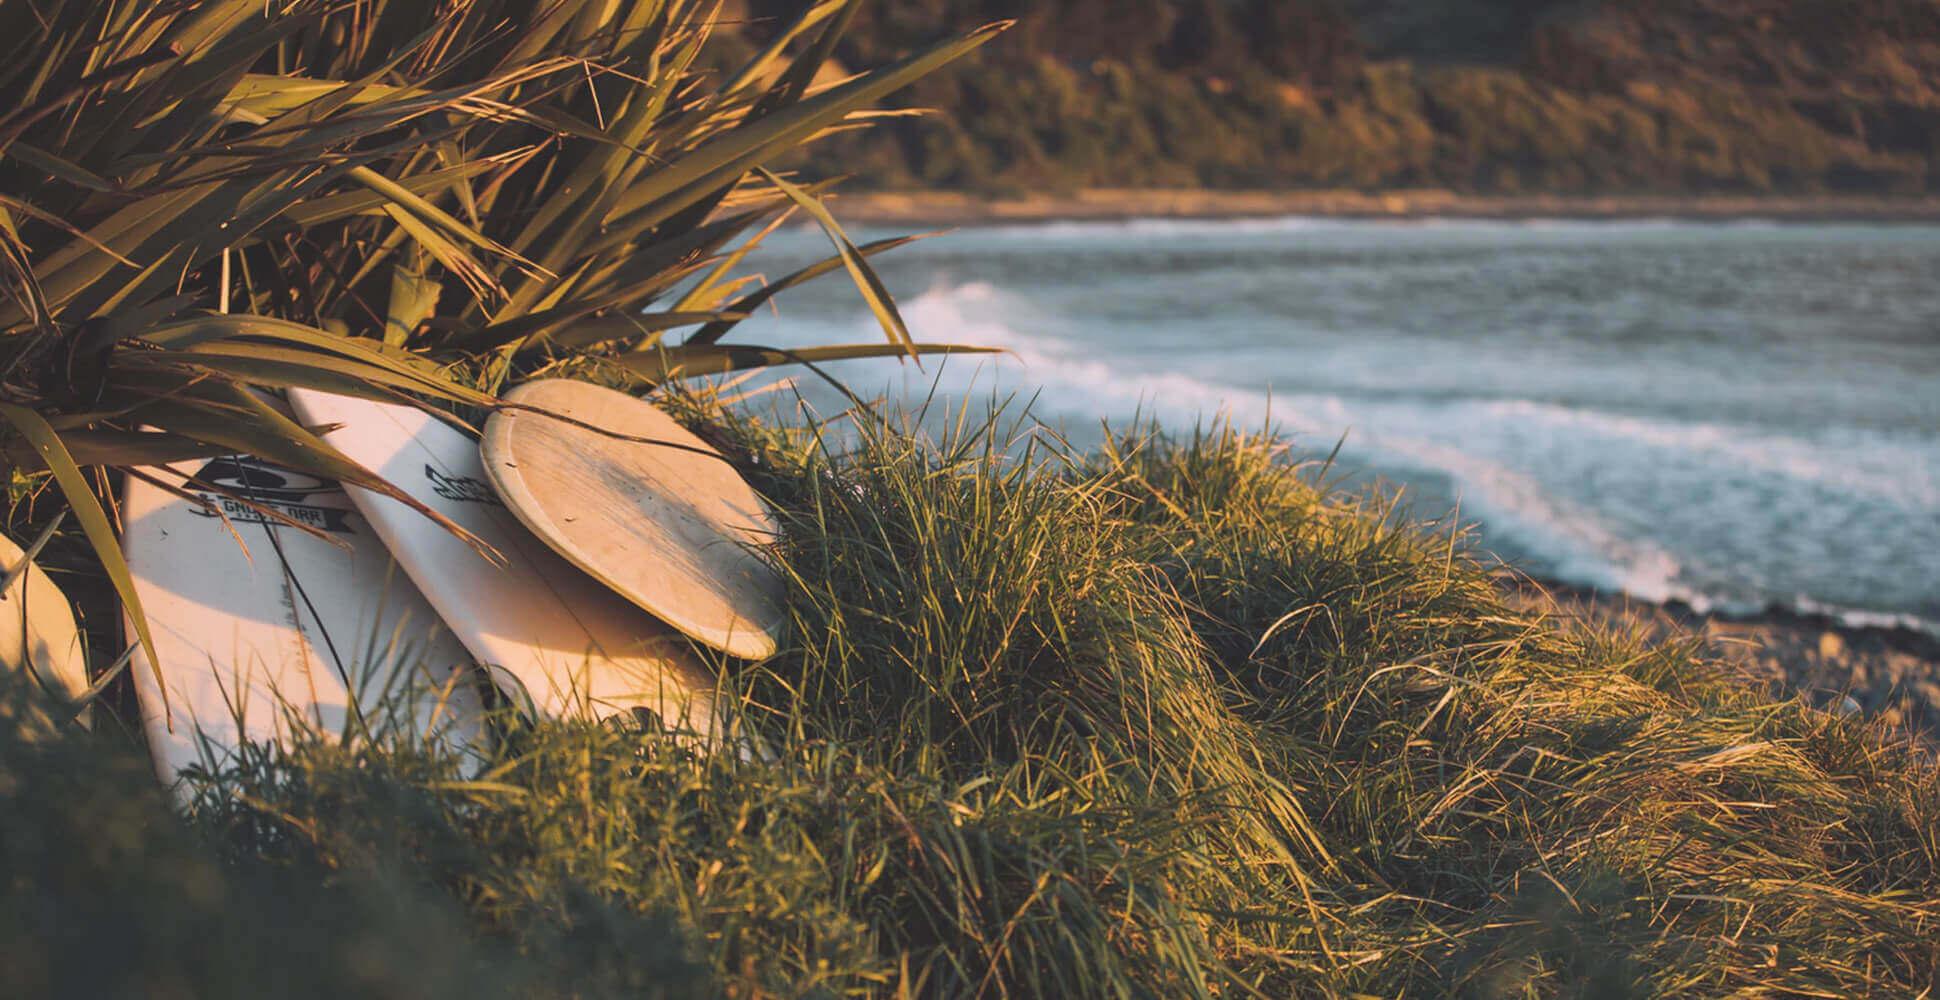 Foto de tablas de surf apoyadas en una palmera en la playa